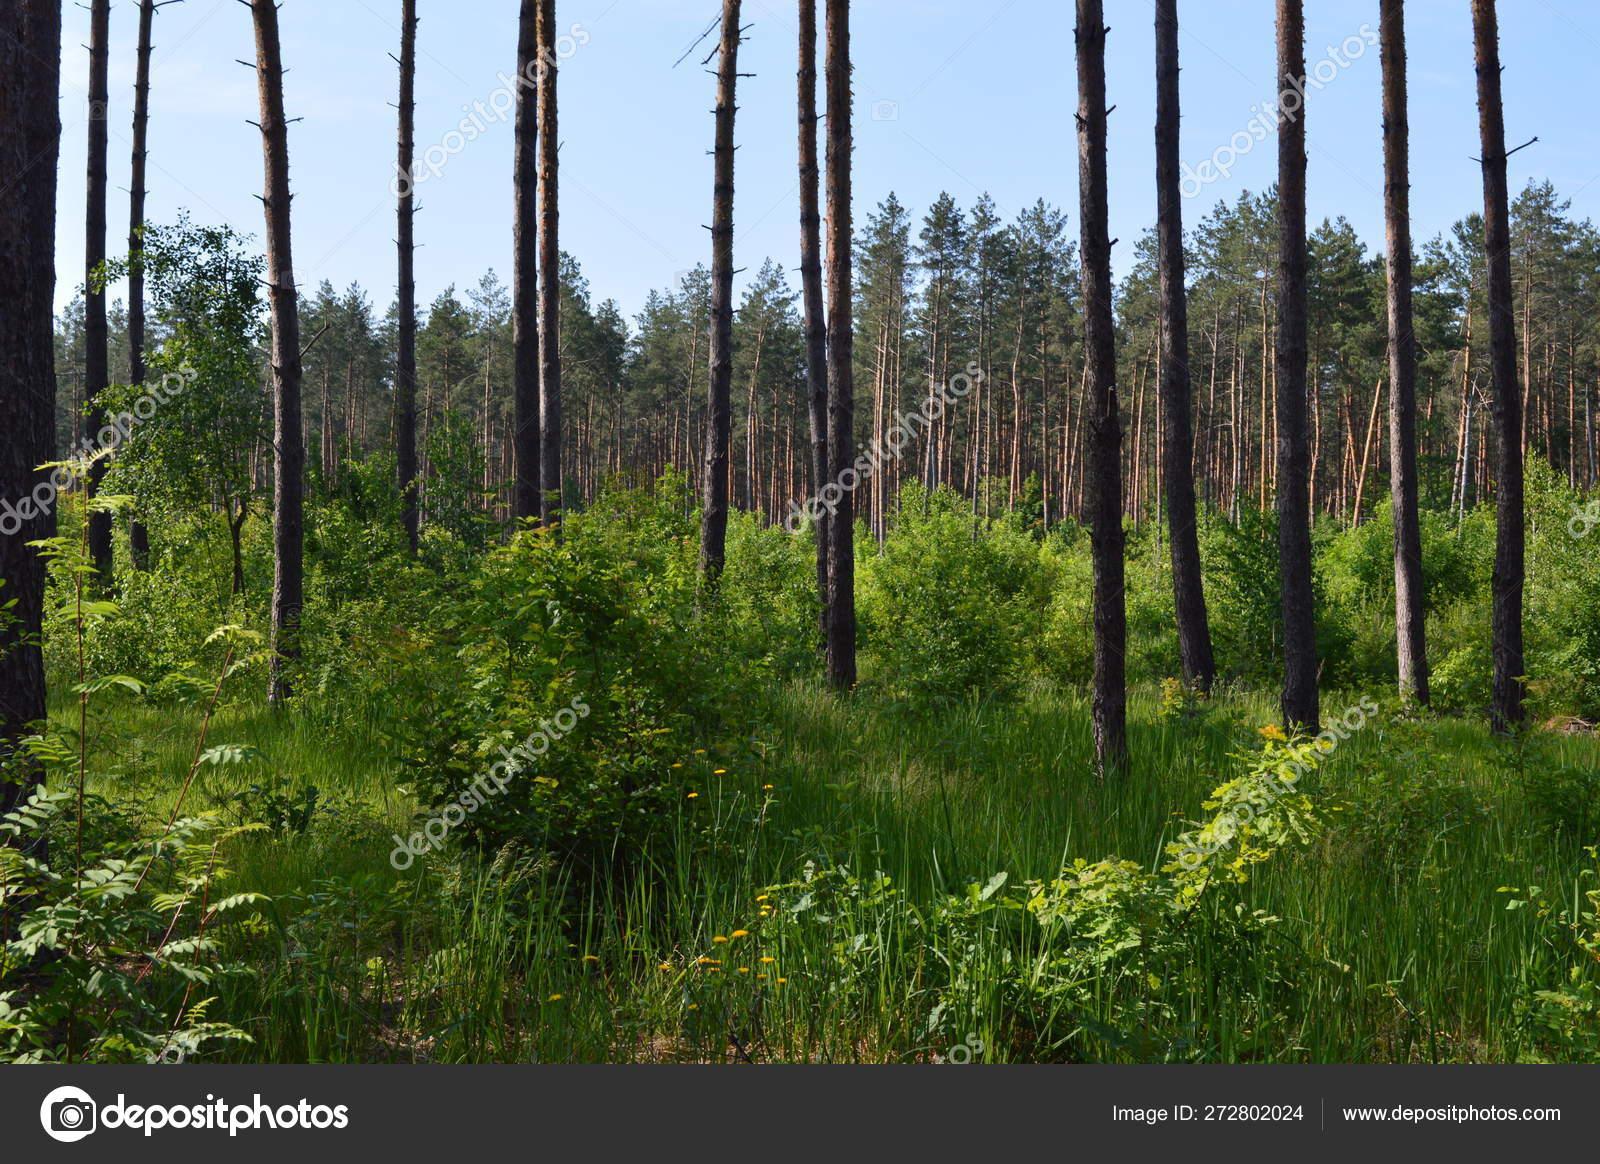 Immagini Di Piante E Alberi paesaggi di piante e alberi forestali estivi — foto stock